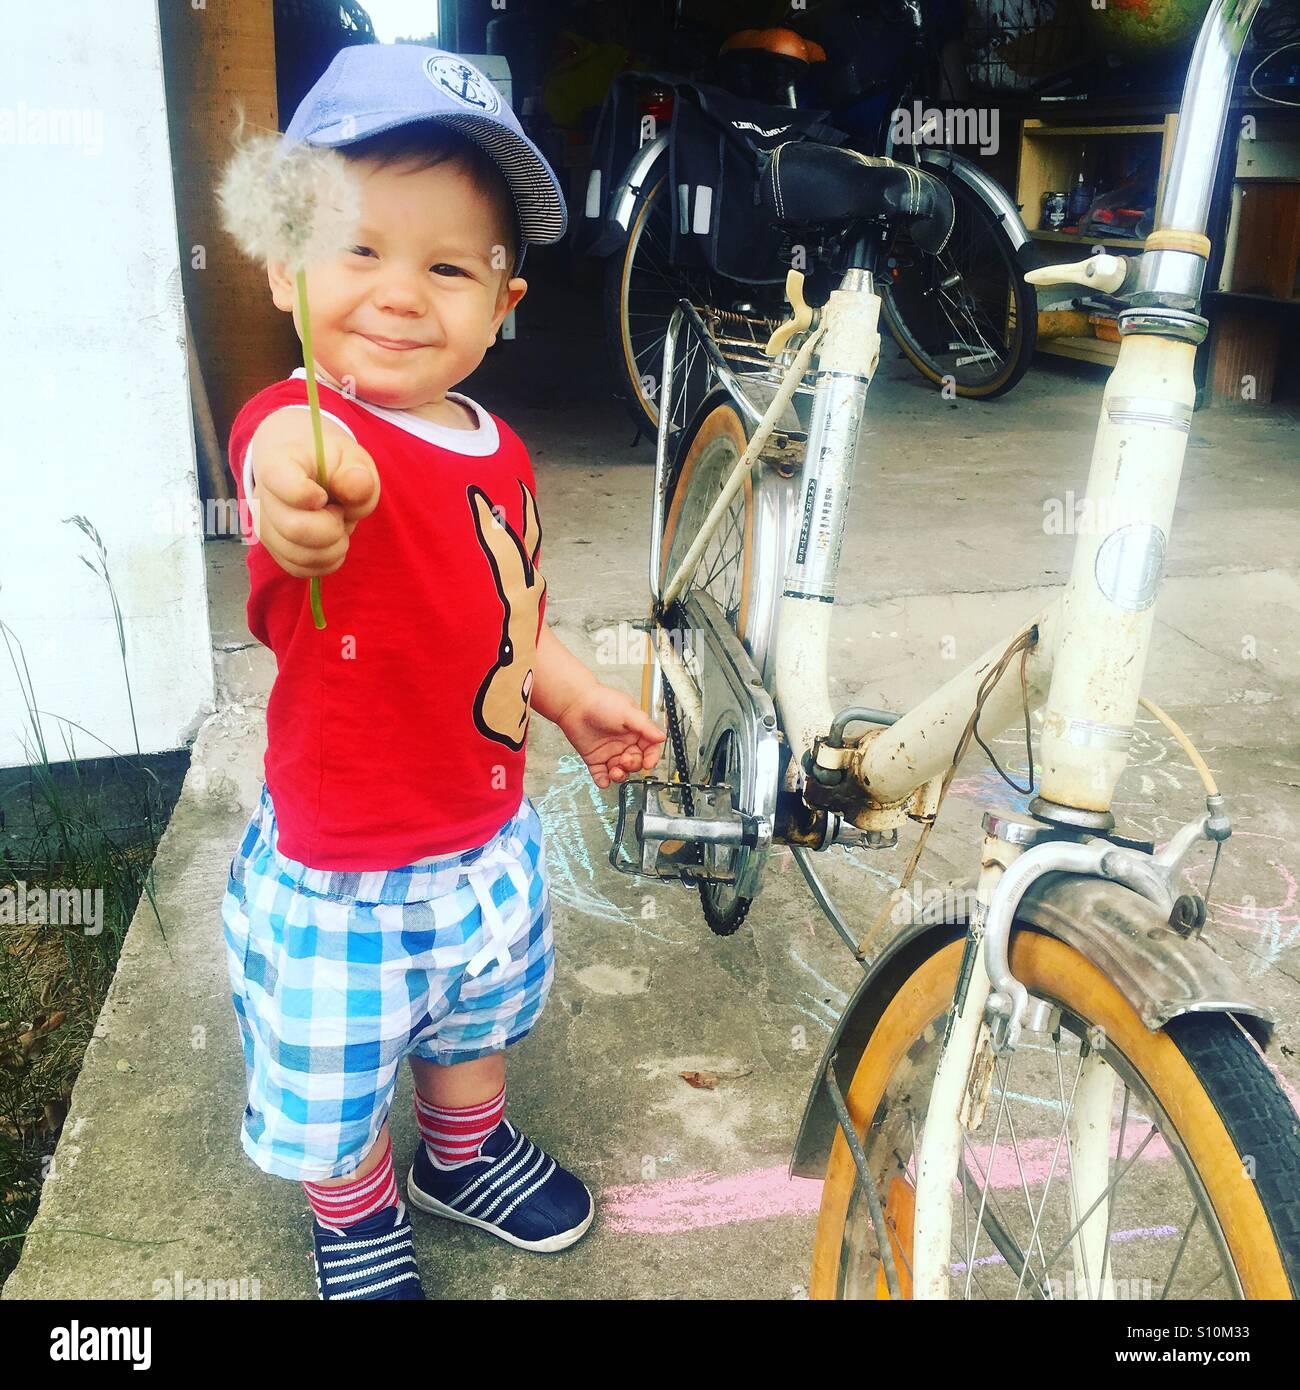 Kleinkind mit einer Blume in der Hand, neben einem alten Fahrrad vor der garage Stockbild